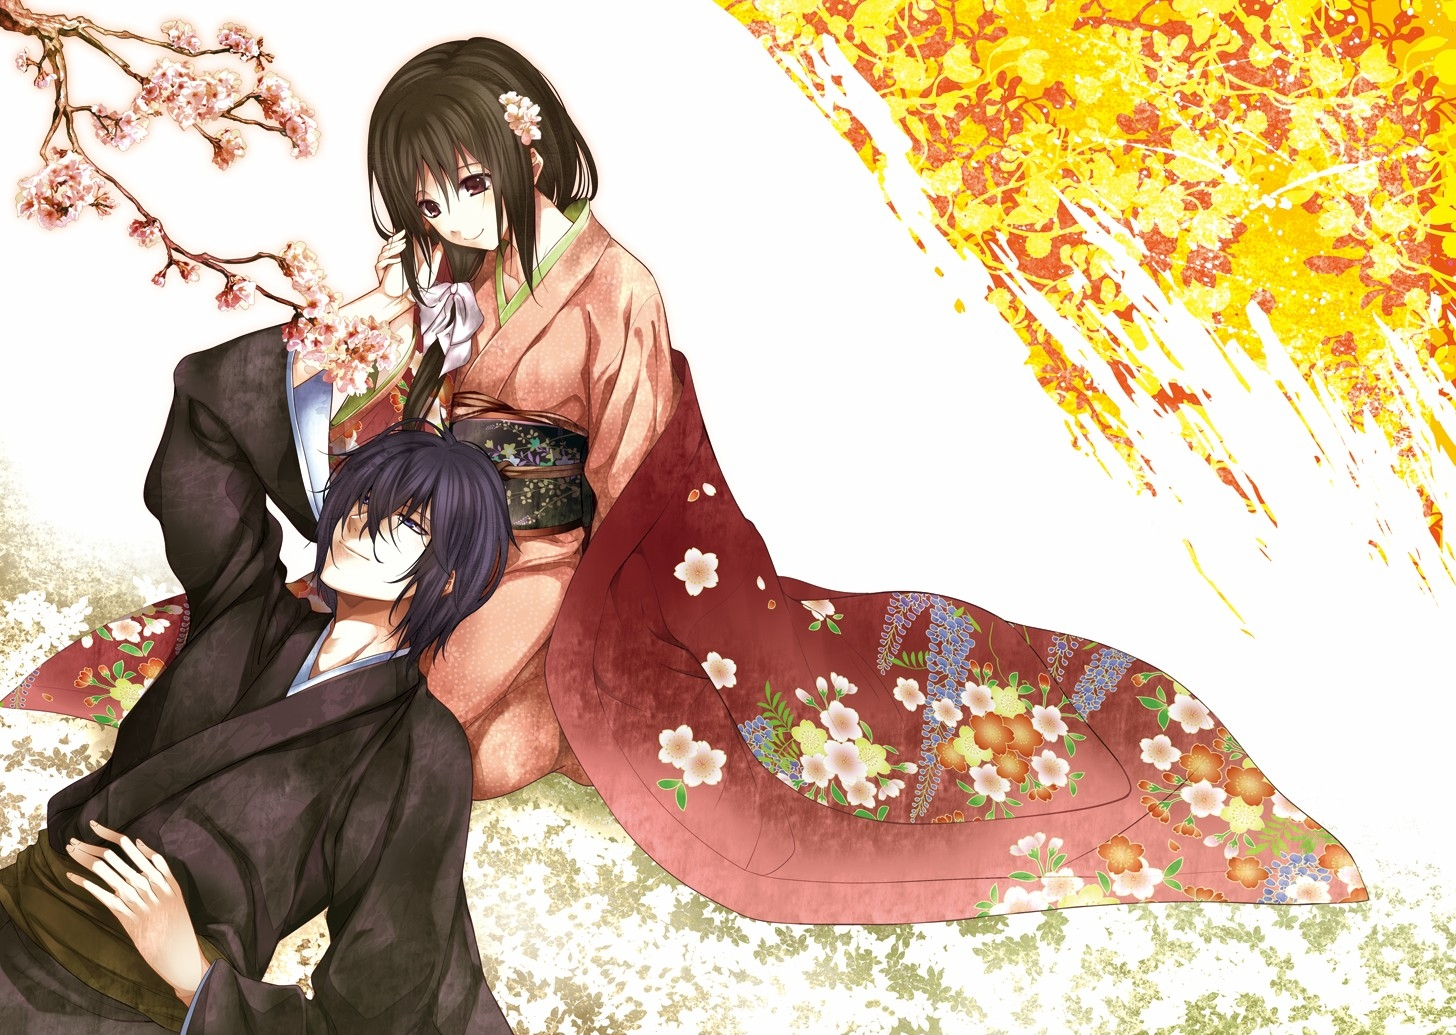 144073壁紙のダウンロード日本製アニメ, 男, やつ, 女の子, 優しさ, 愛, 着物-スクリーンセーバーと写真を無料で